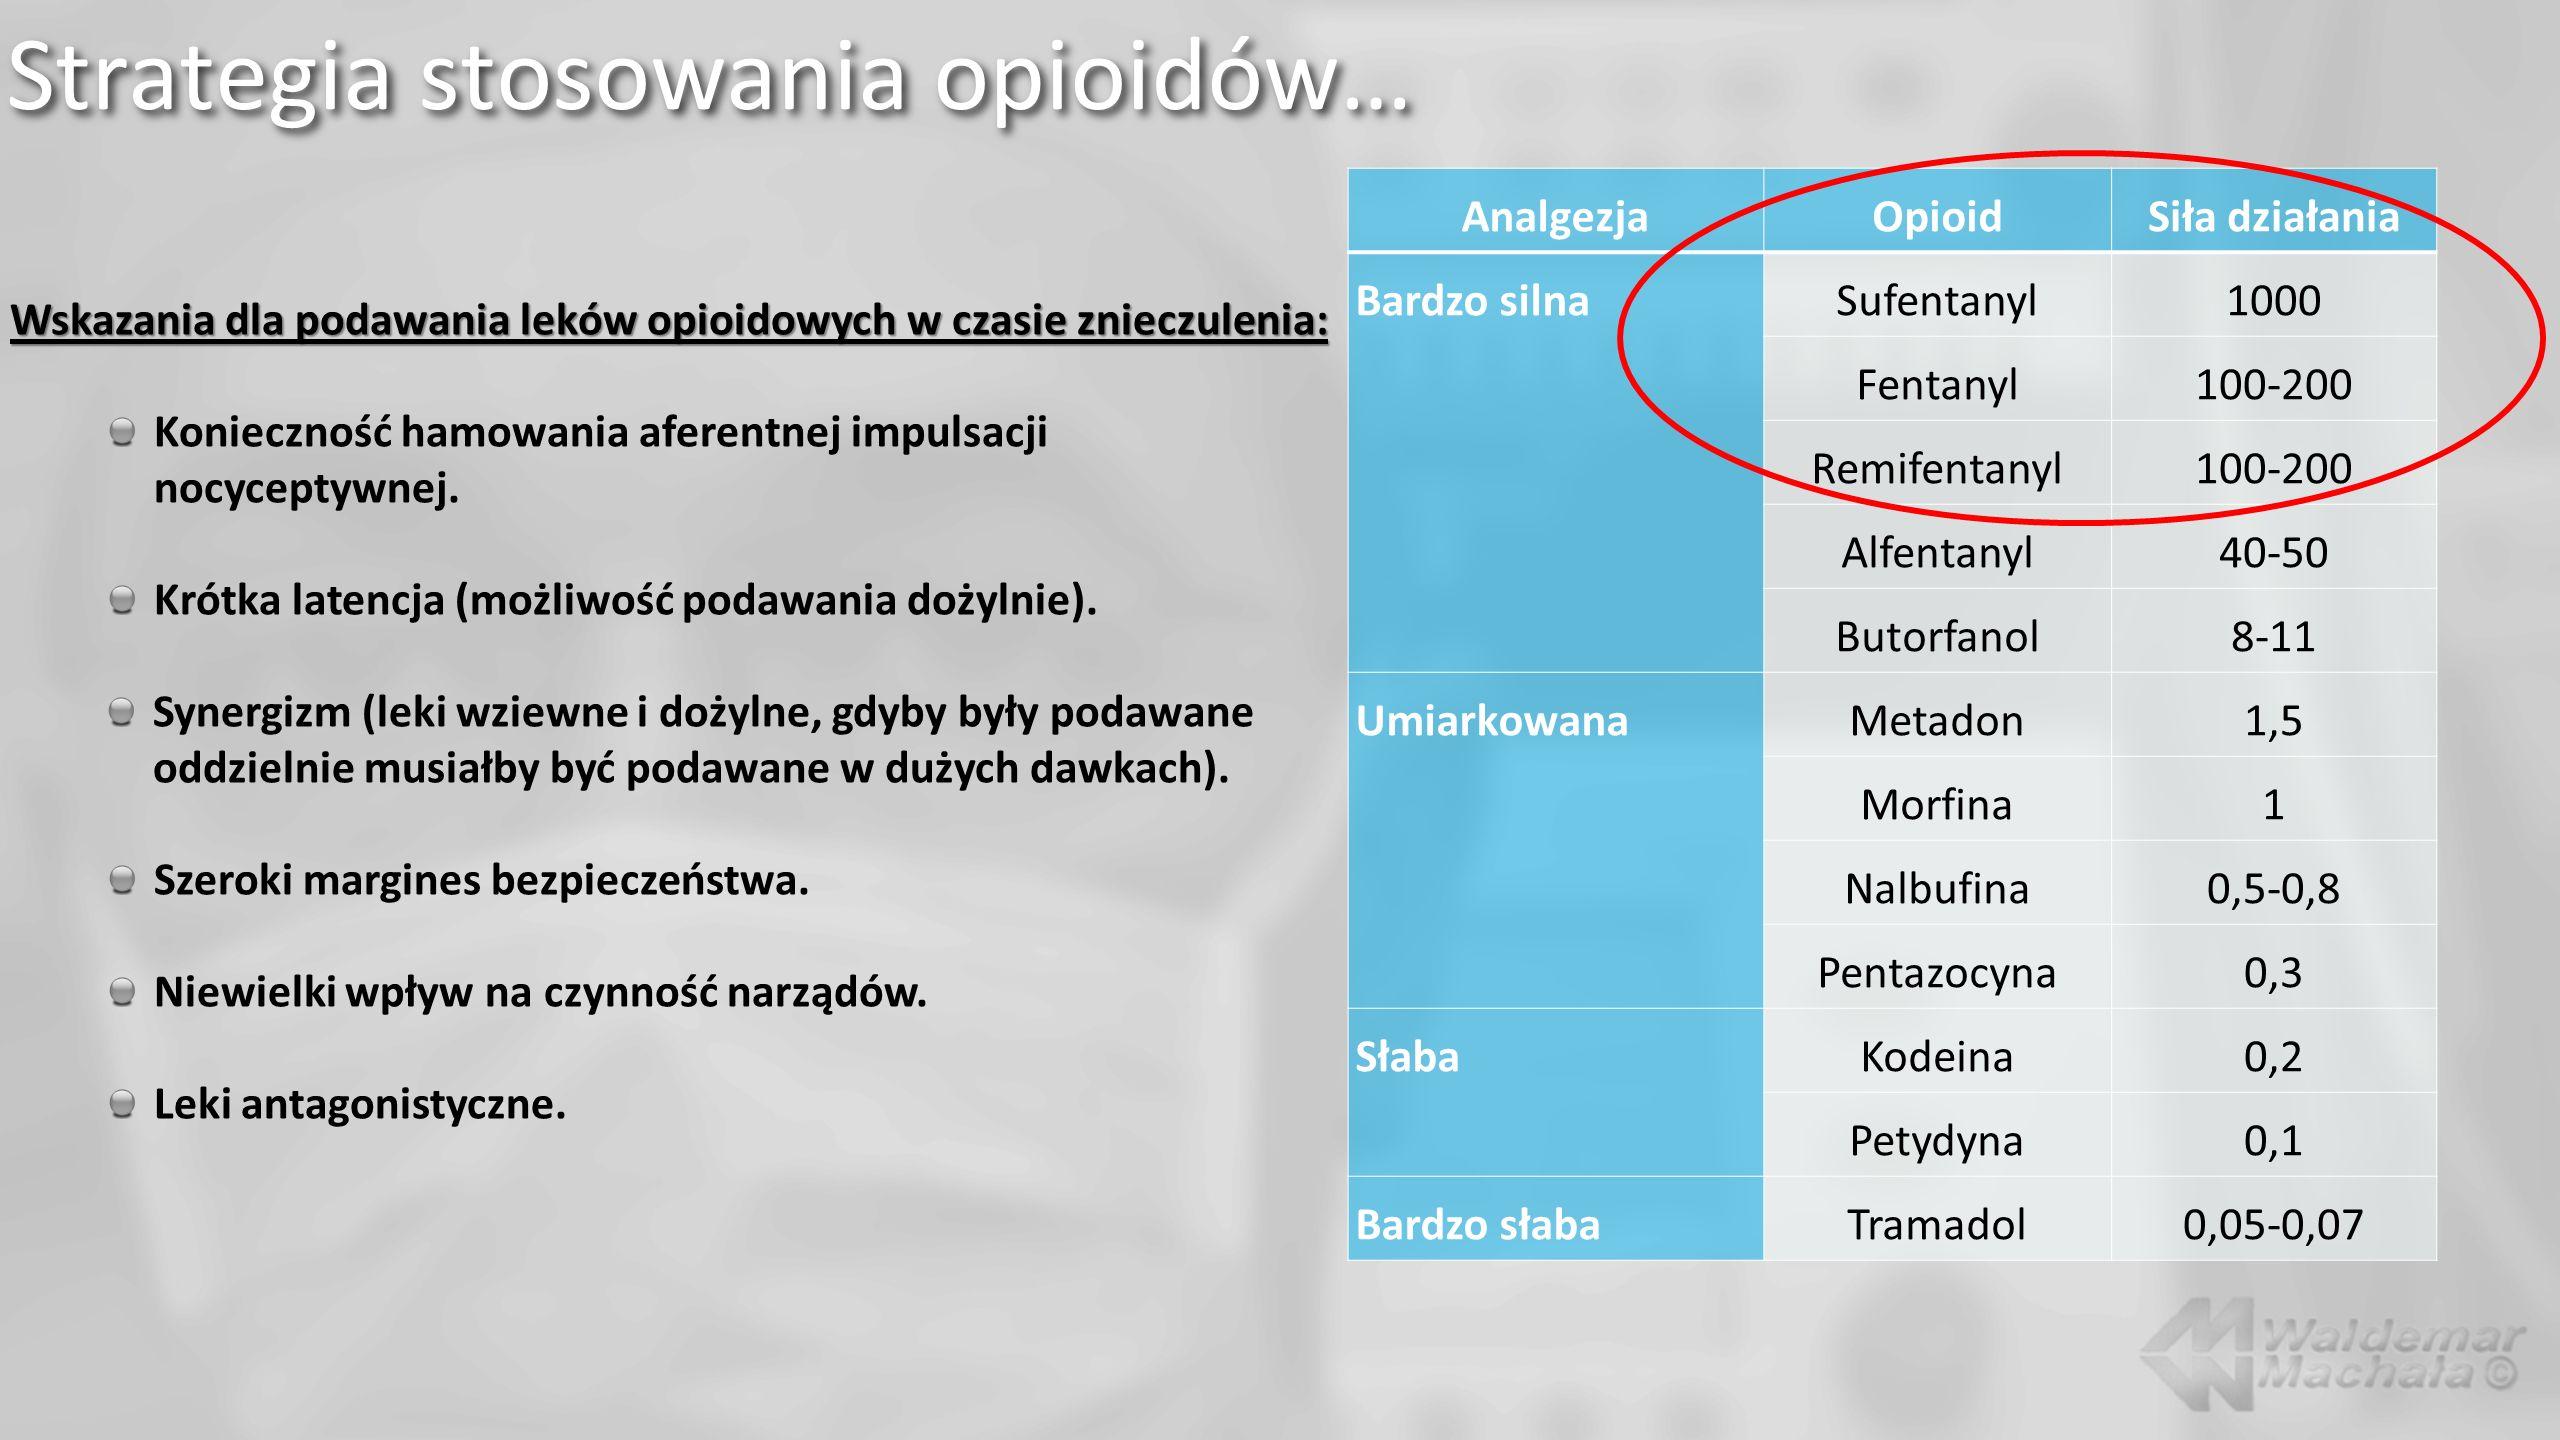 Strategia stosowania opioidów… Wskazania dla podawania leków opioidowych w czasie znieczulenia: Konieczność hamowania aferentnej impulsacji nocyceptyw